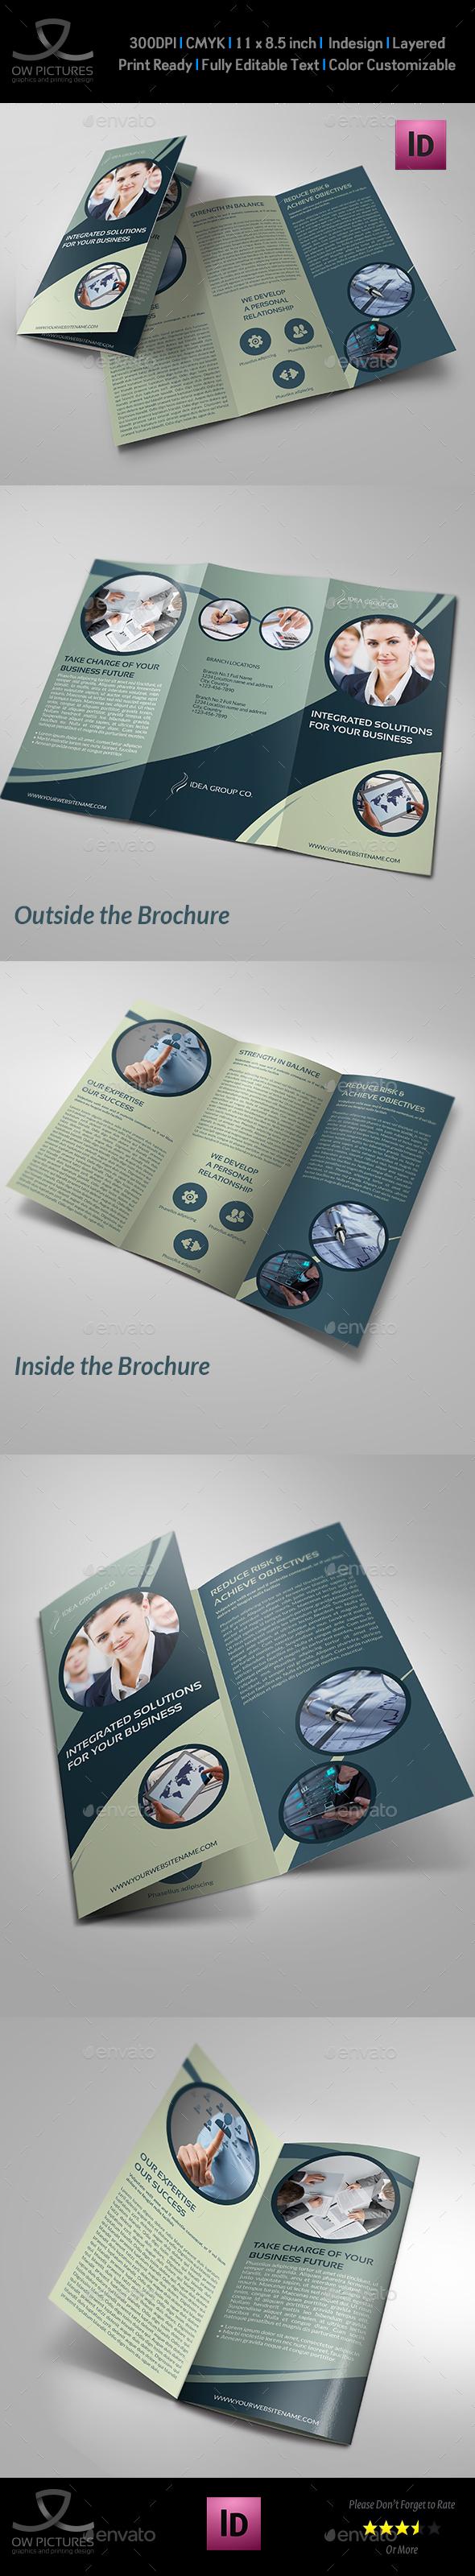 Corporate Business Tri-Fold Brochure Vol.22 - Corporate Brochures